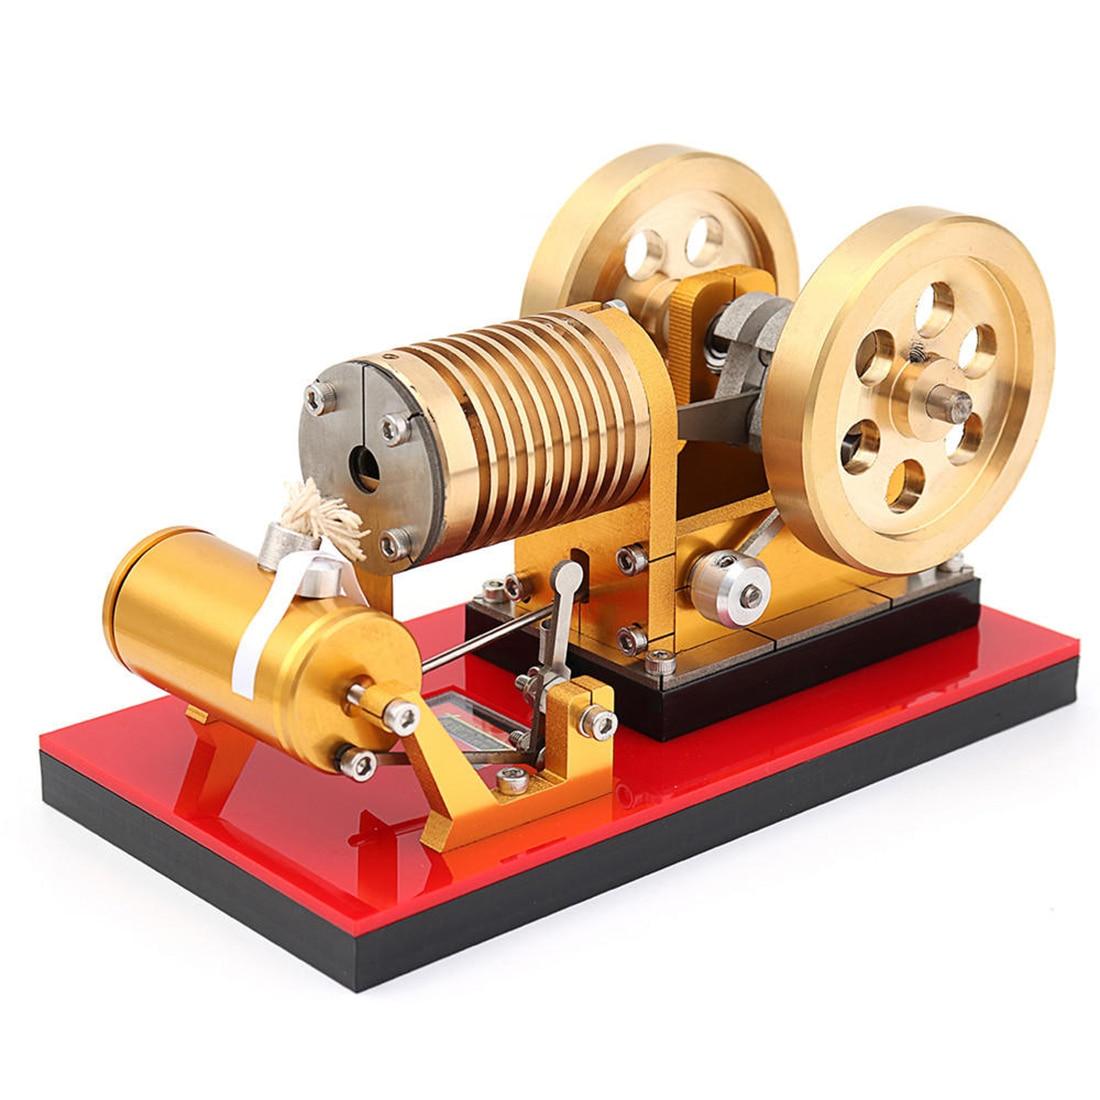 Type de feu d'aspiration Stirling édition professionnelle haut de gamme cylindre d'air en cuivre pur moteur à énergie thermique modèle Science jouet 2019